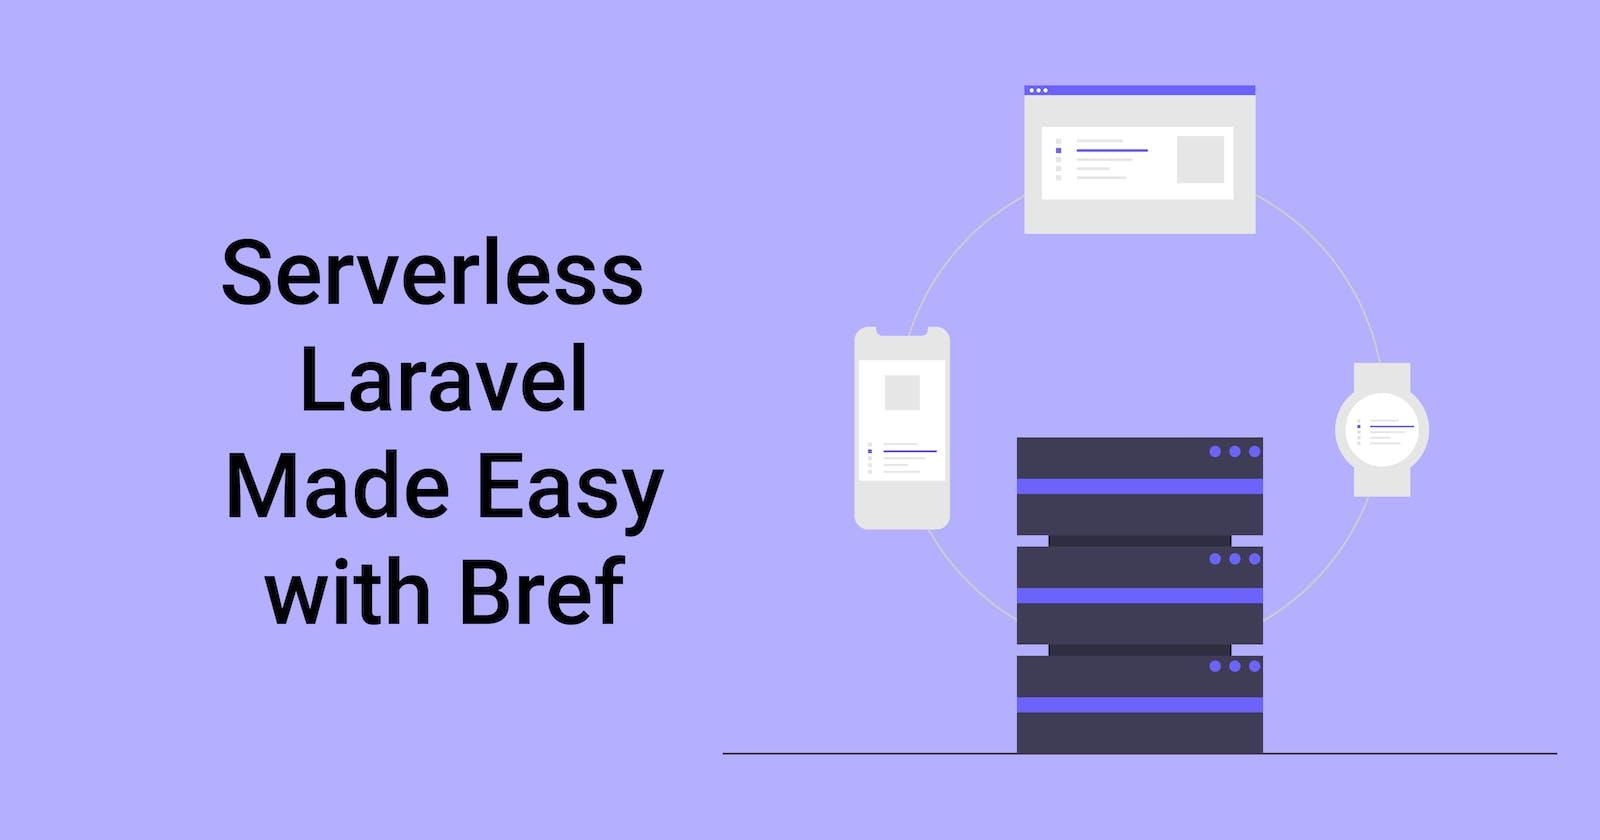 Serverless Laravel Made Easy with Bref